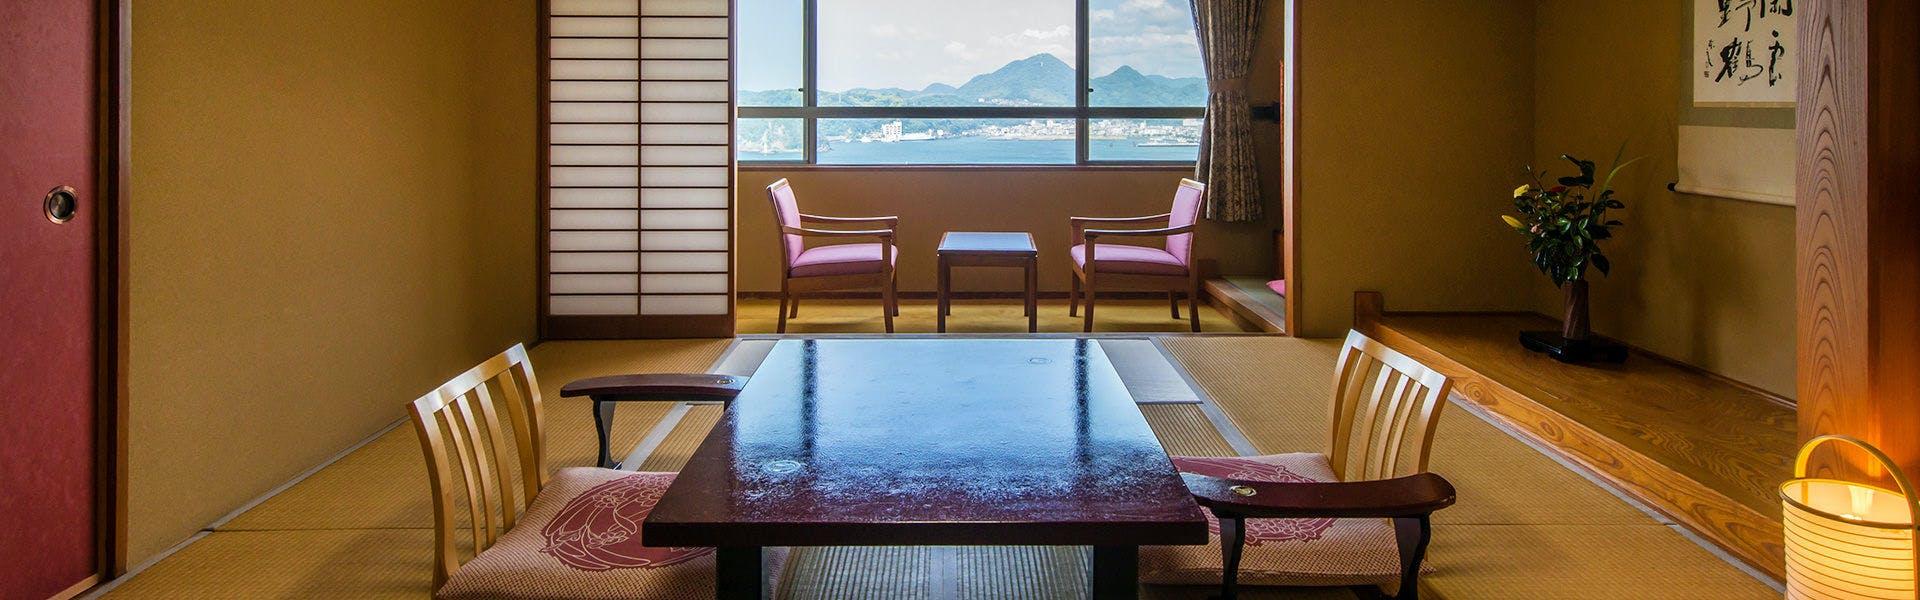 記念日におすすめのホテル・【ホテル山田屋】 の空室状況を確認するの写真3